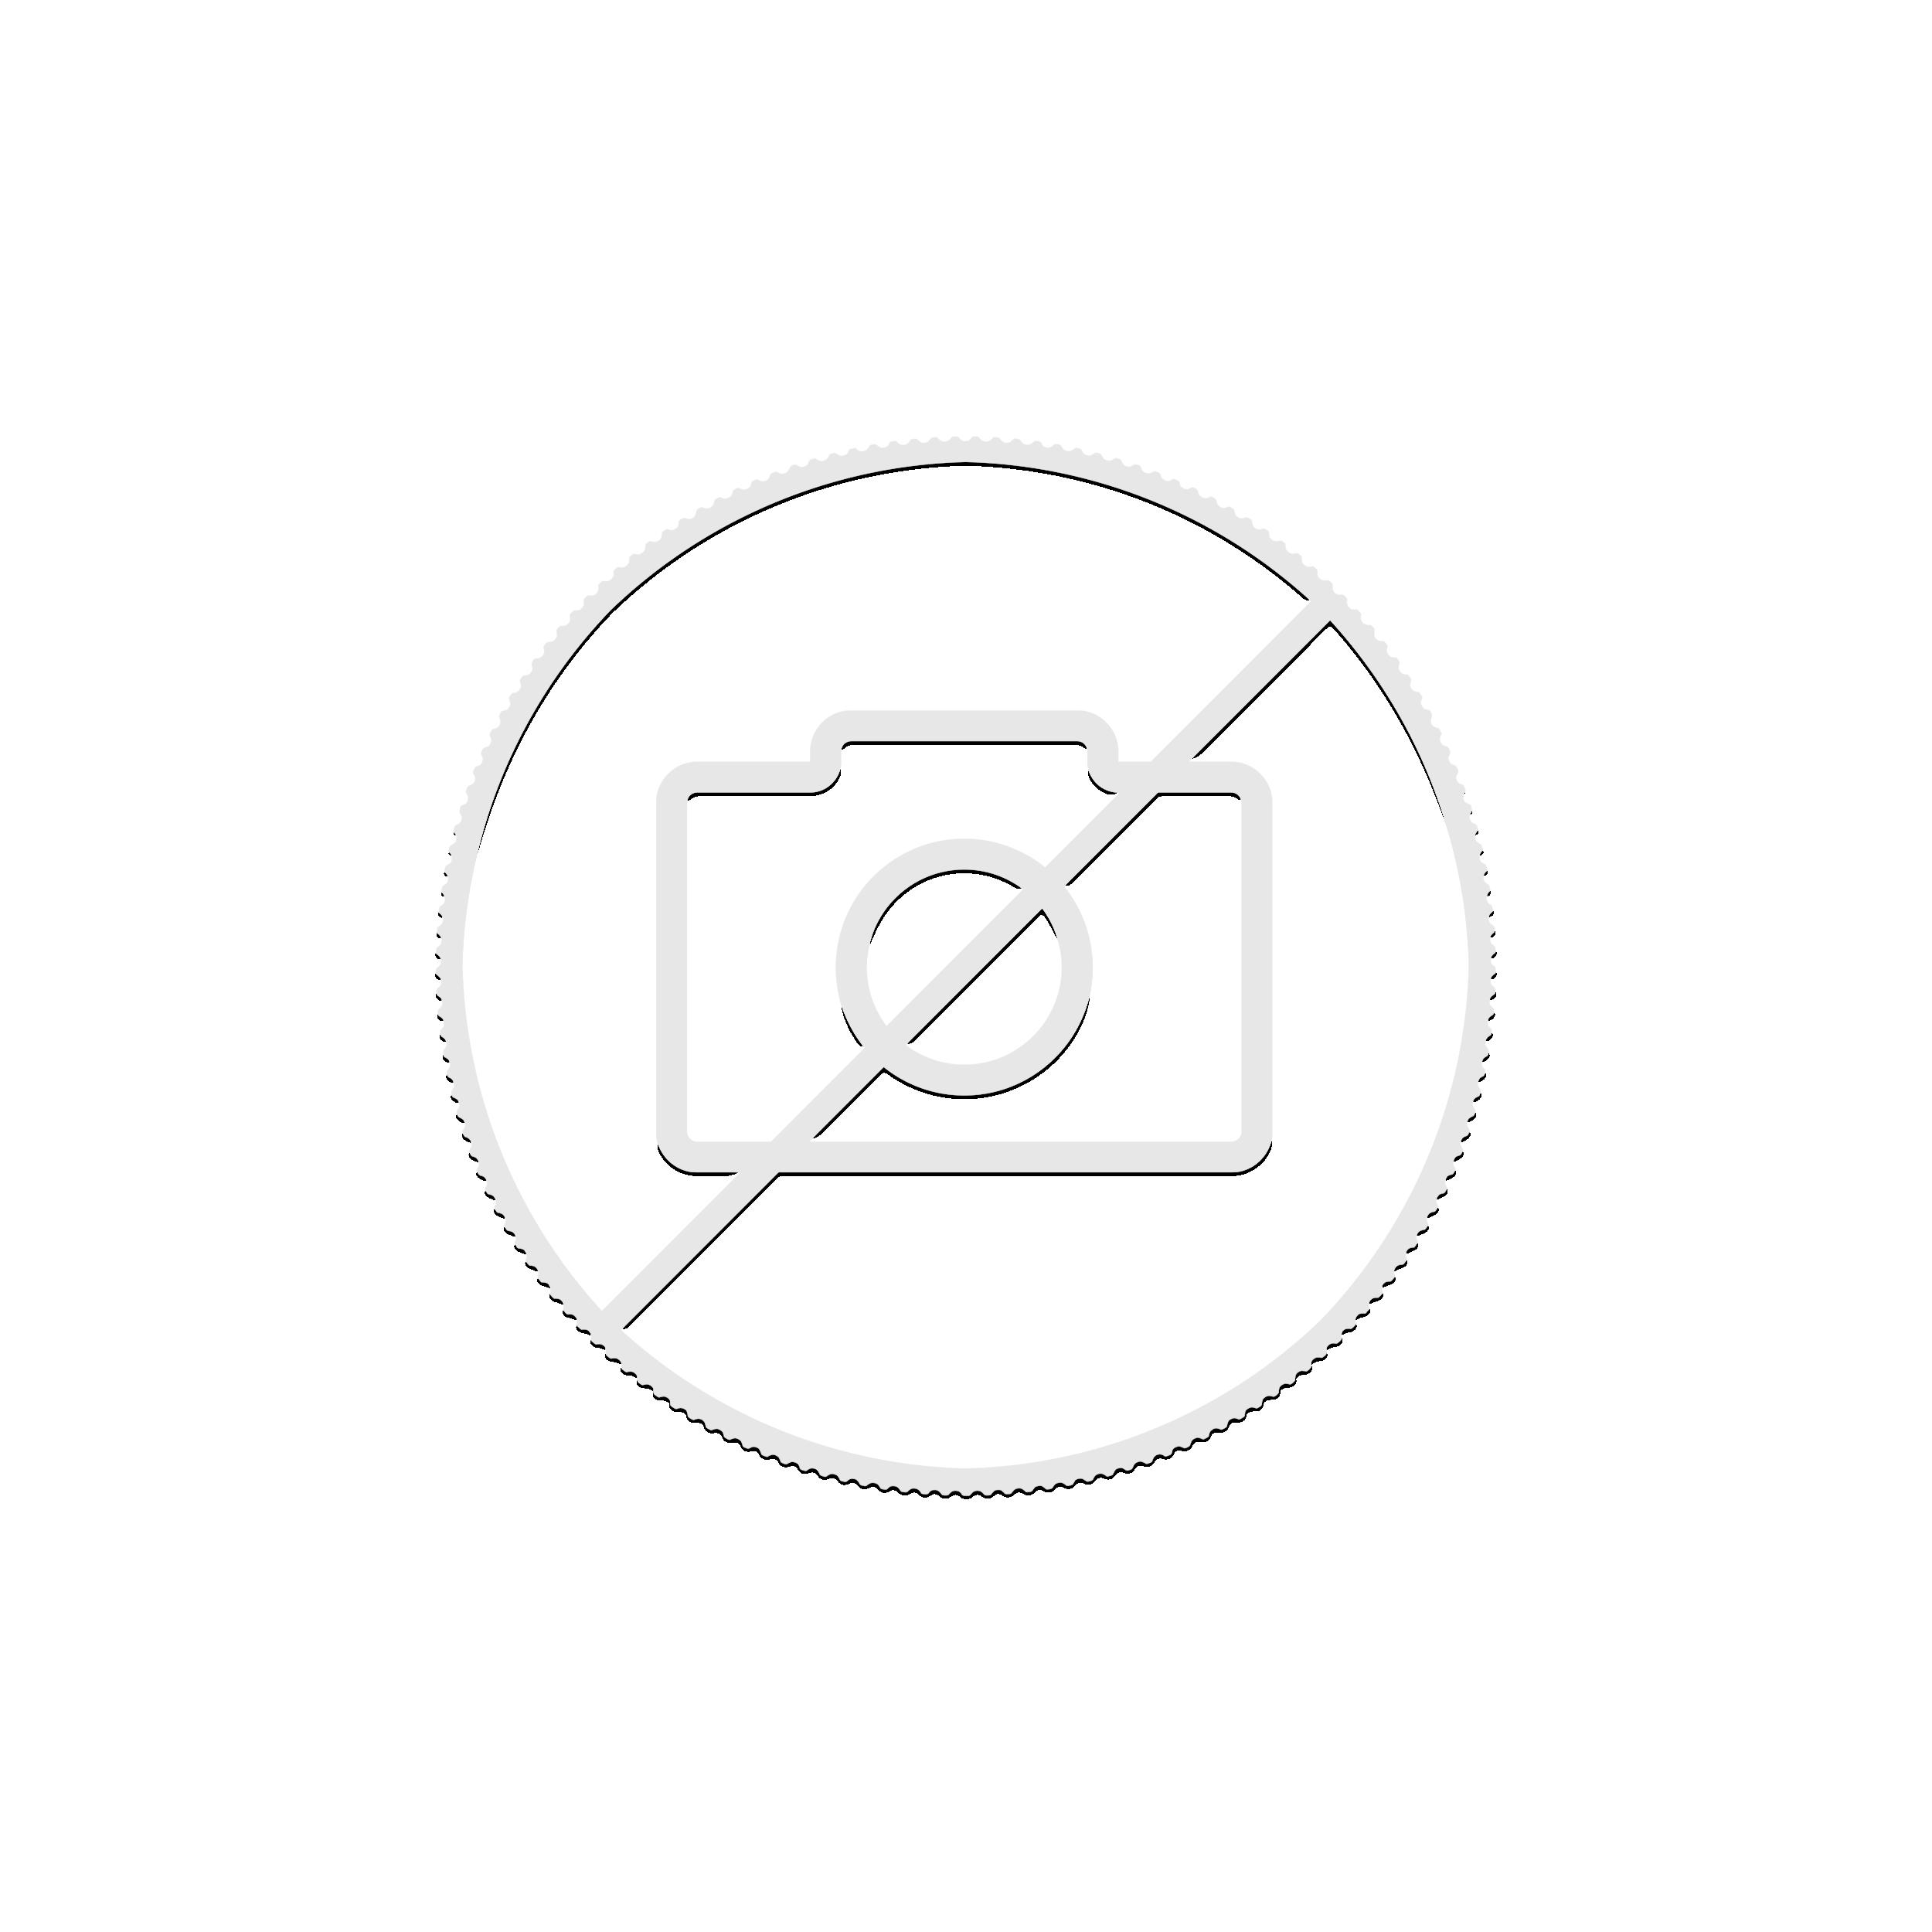 1 Troy ounce silver coin Lunar 2020